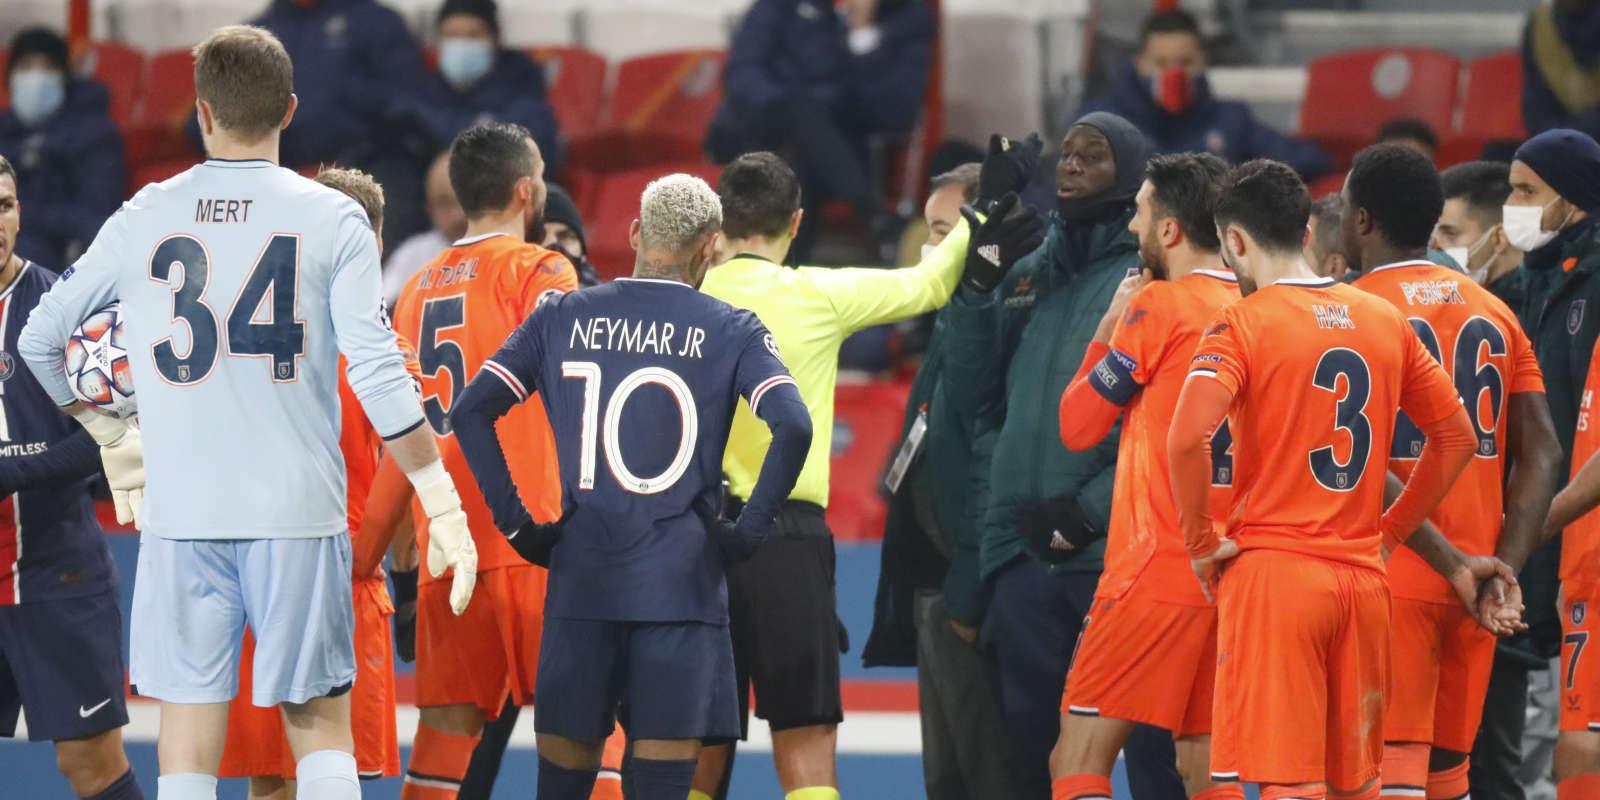 La partie a été interrompue après que l'entraîneur adjoint stambouliote, Pierre Webo, a été expulsé, en dénonçant une insulte raciste de la part du quatrième arbitre.